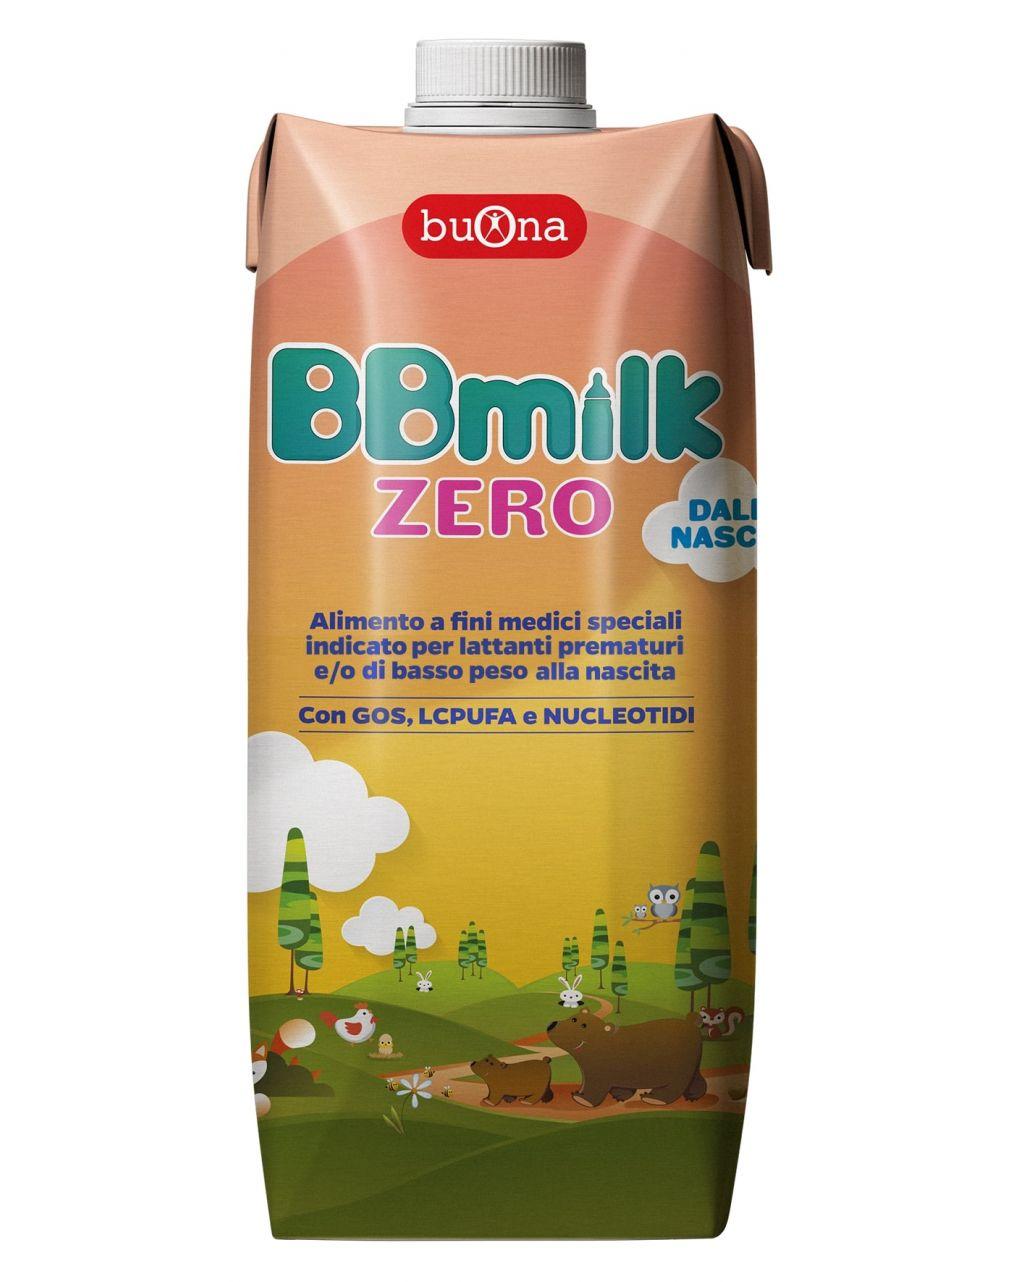 Buona - latte bbmilk zero liquido 500ml - Buona